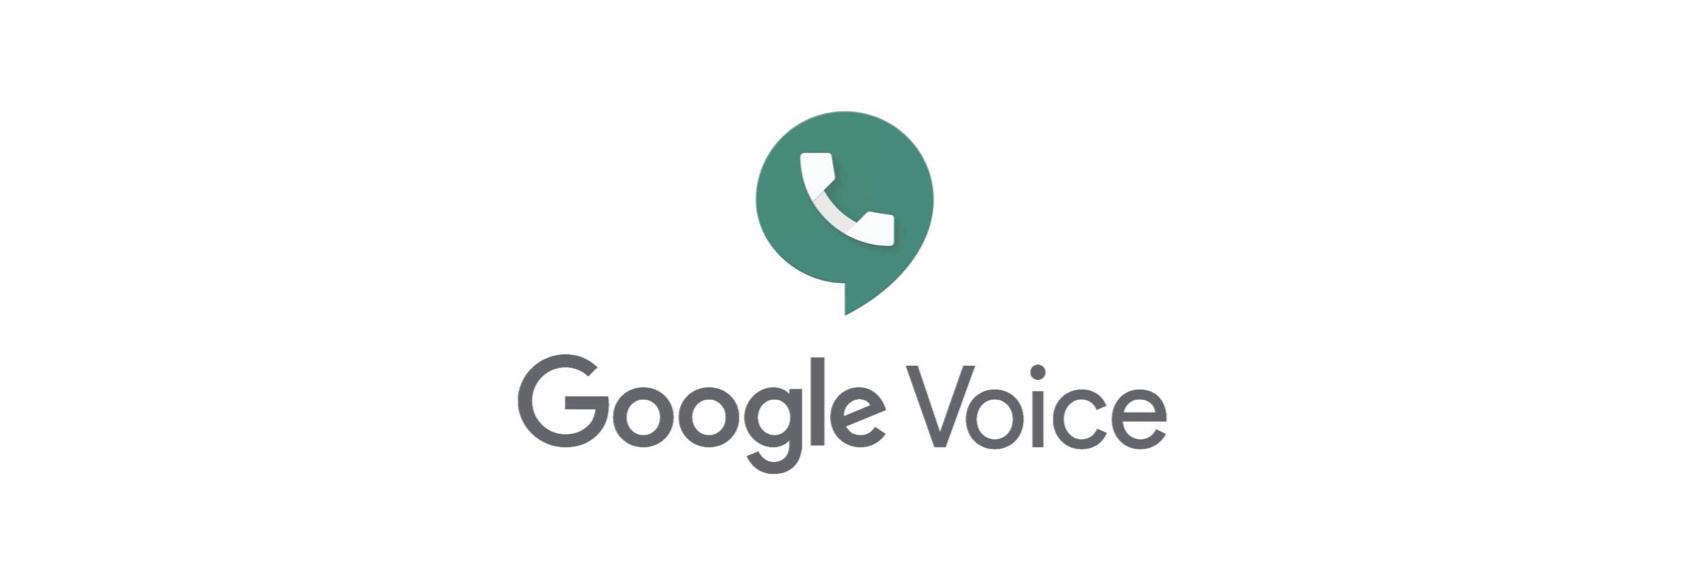 不保证靠谱的 Google Voice 保号指南